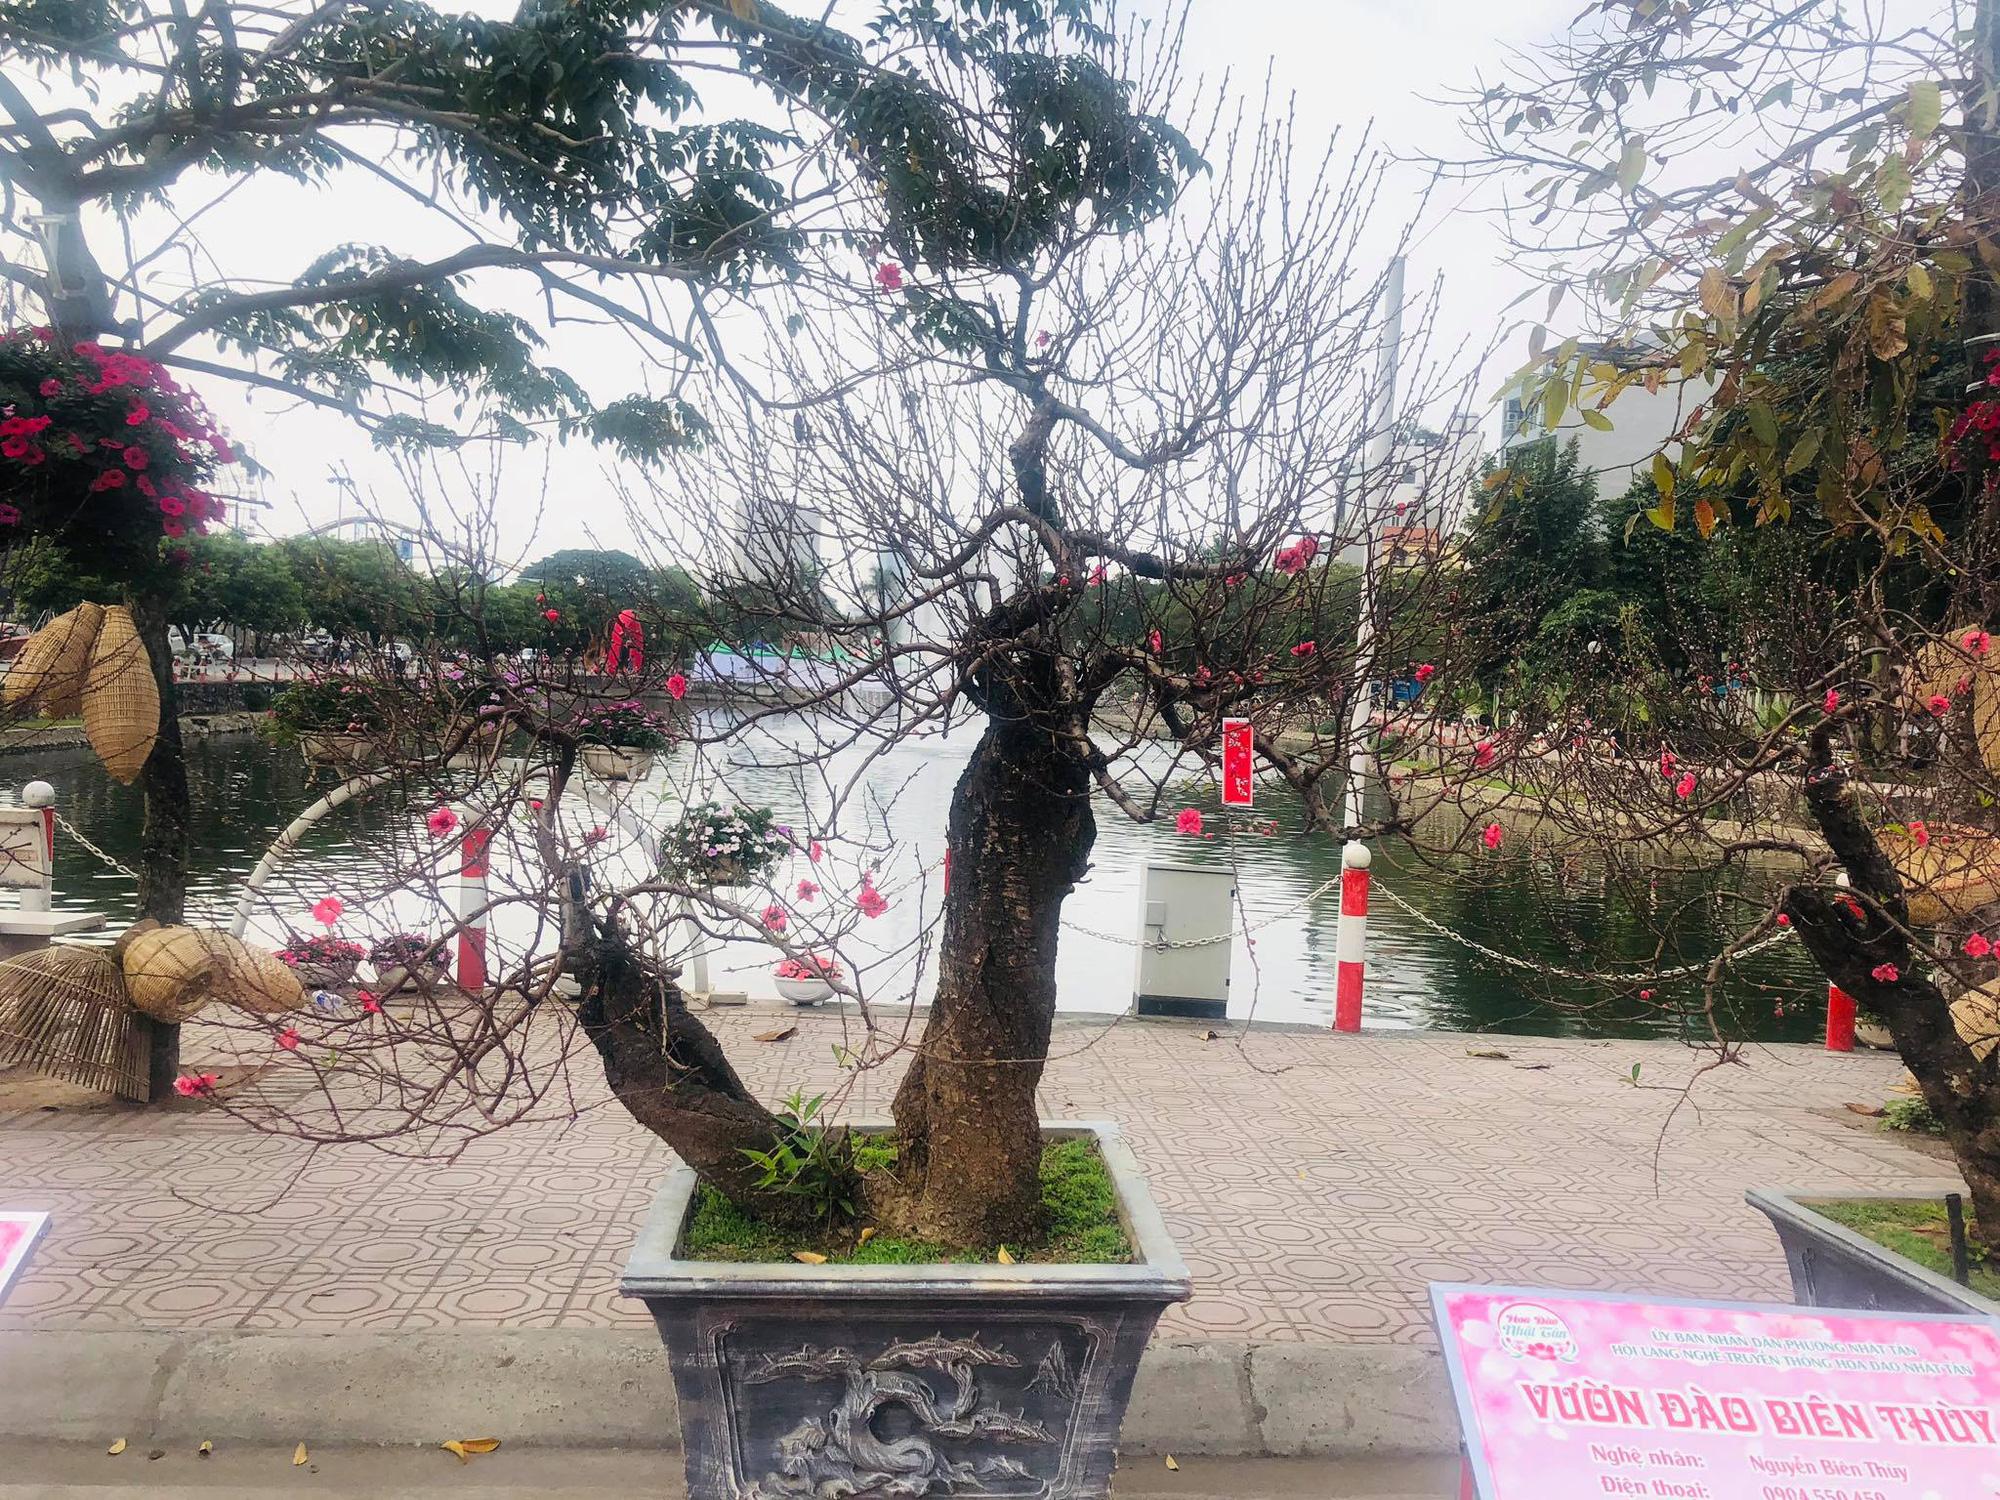 Trưng bày Đào độc, lạ trị giá 50 triệu đồng tại Lễ hội hoa đào Nhật Tân - Ảnh 8.